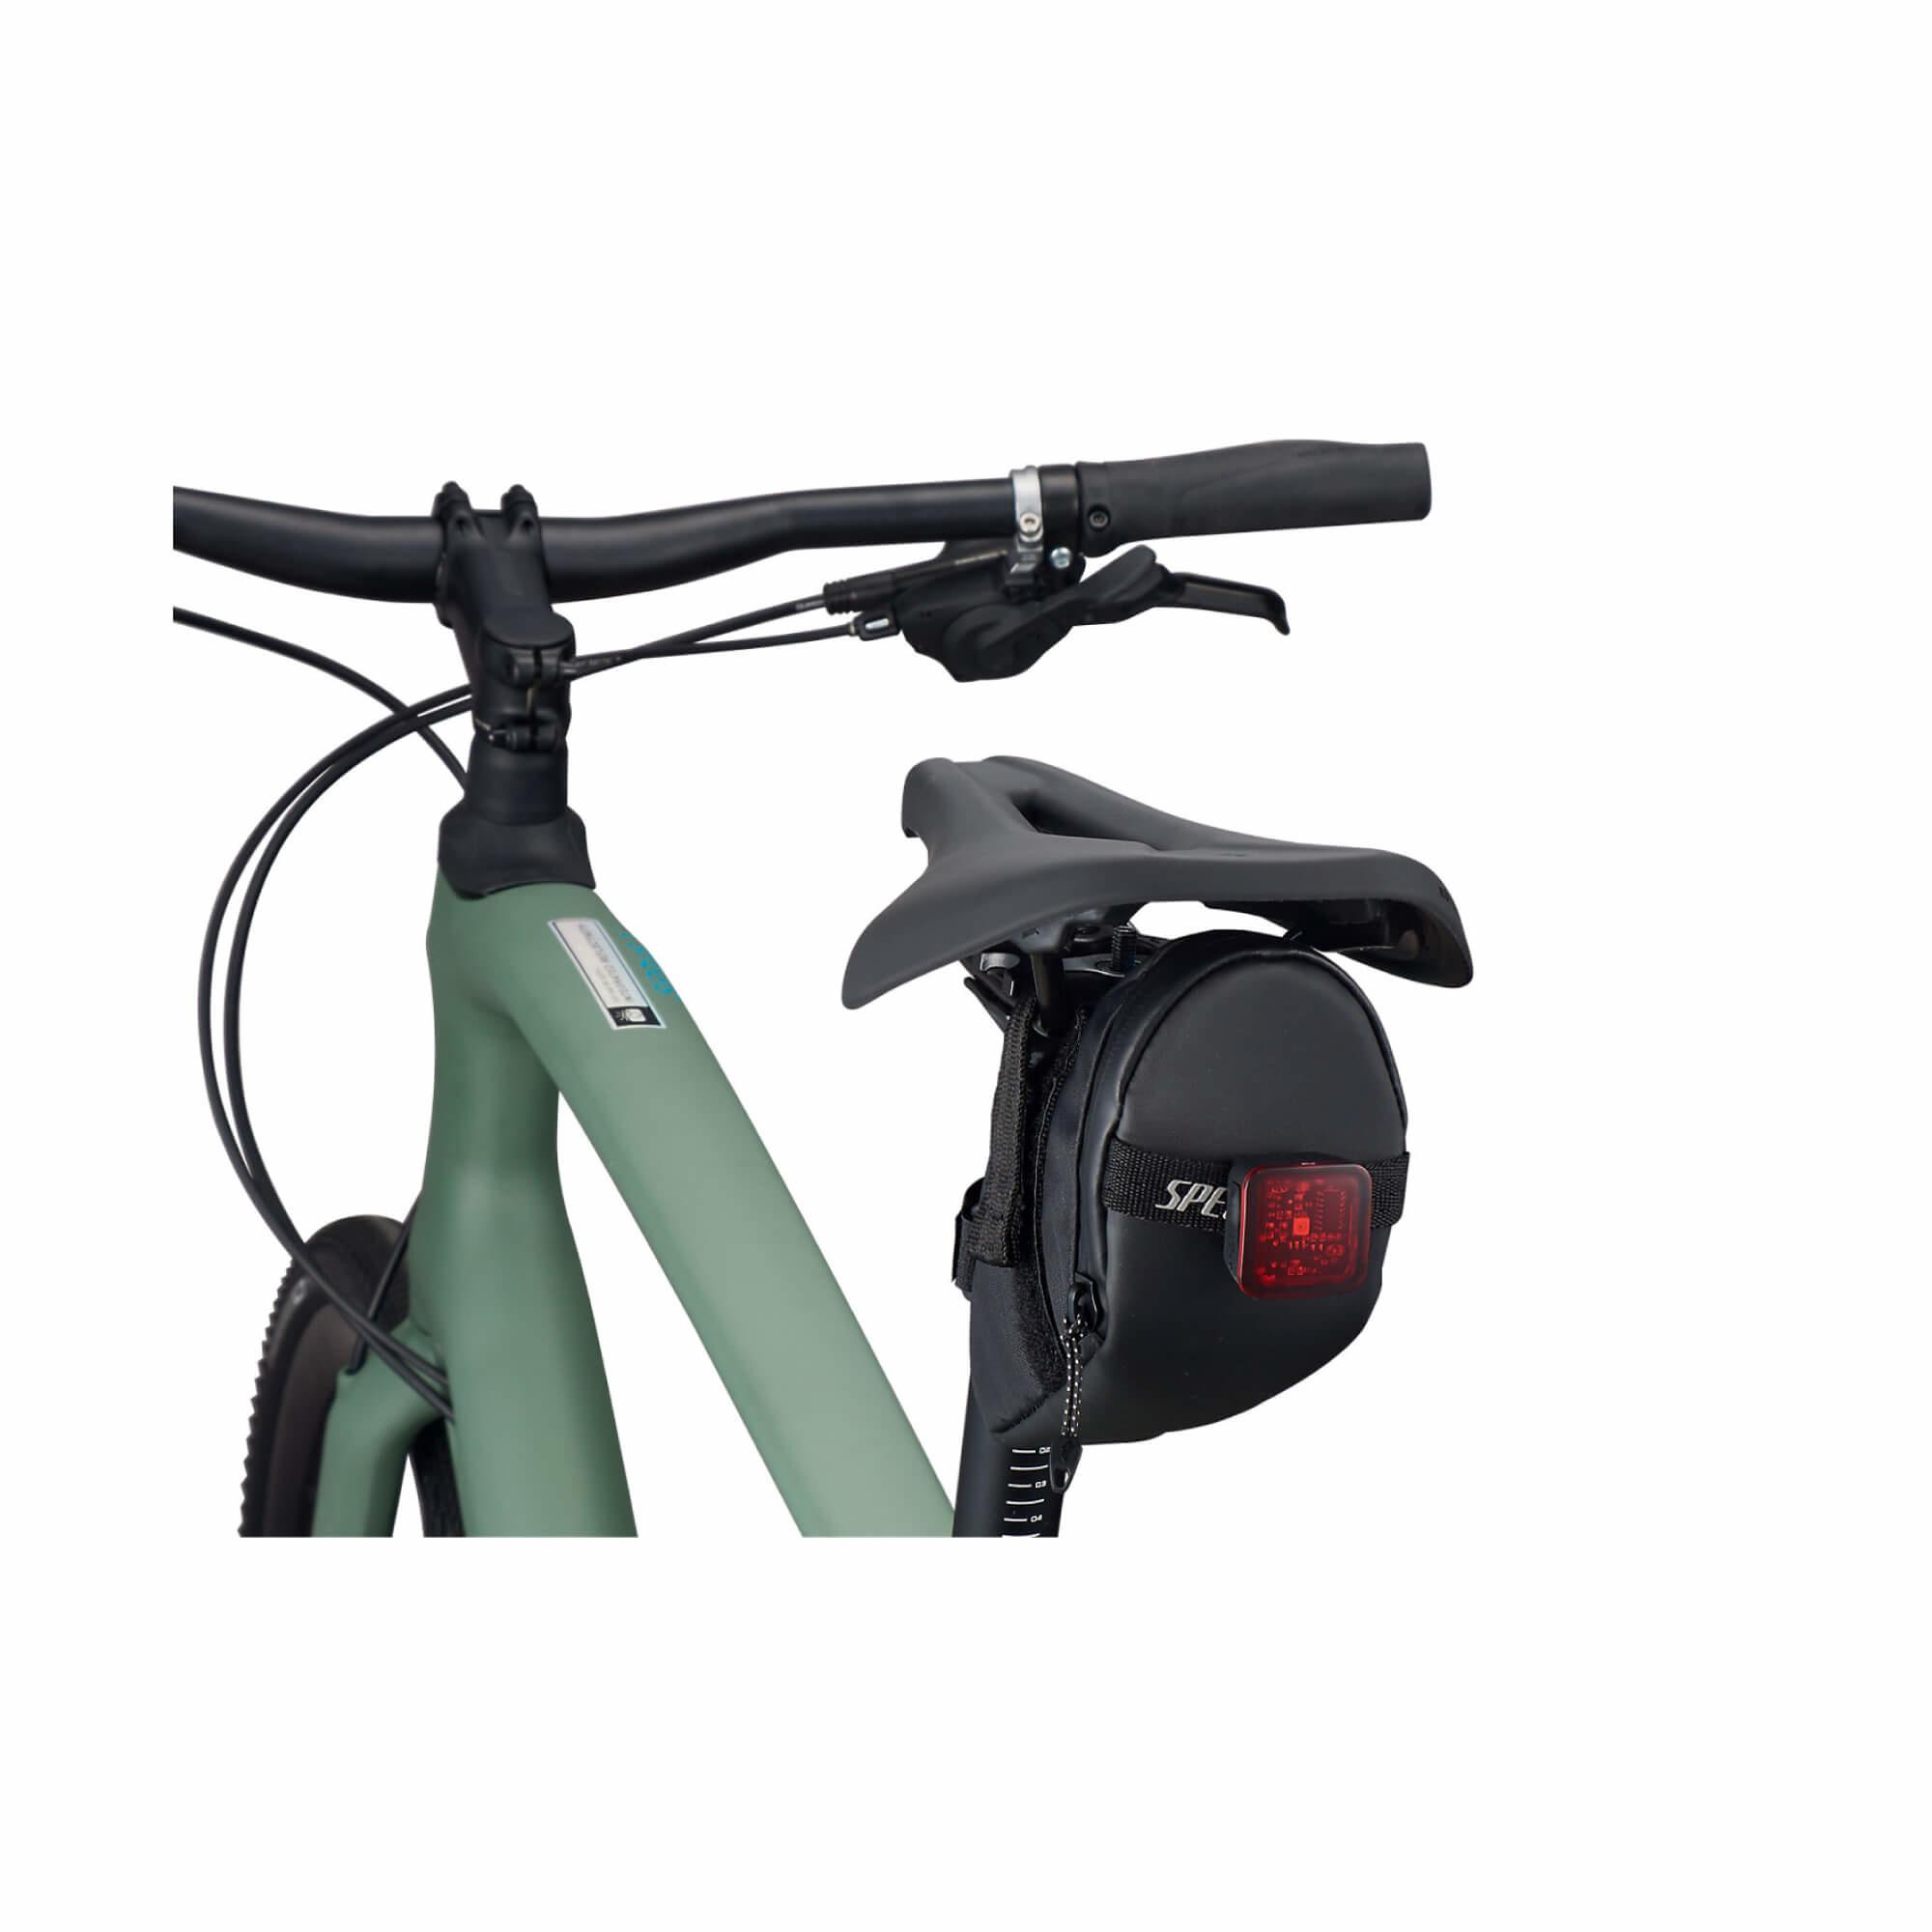 Flash Combo Headlight/Taillight-8